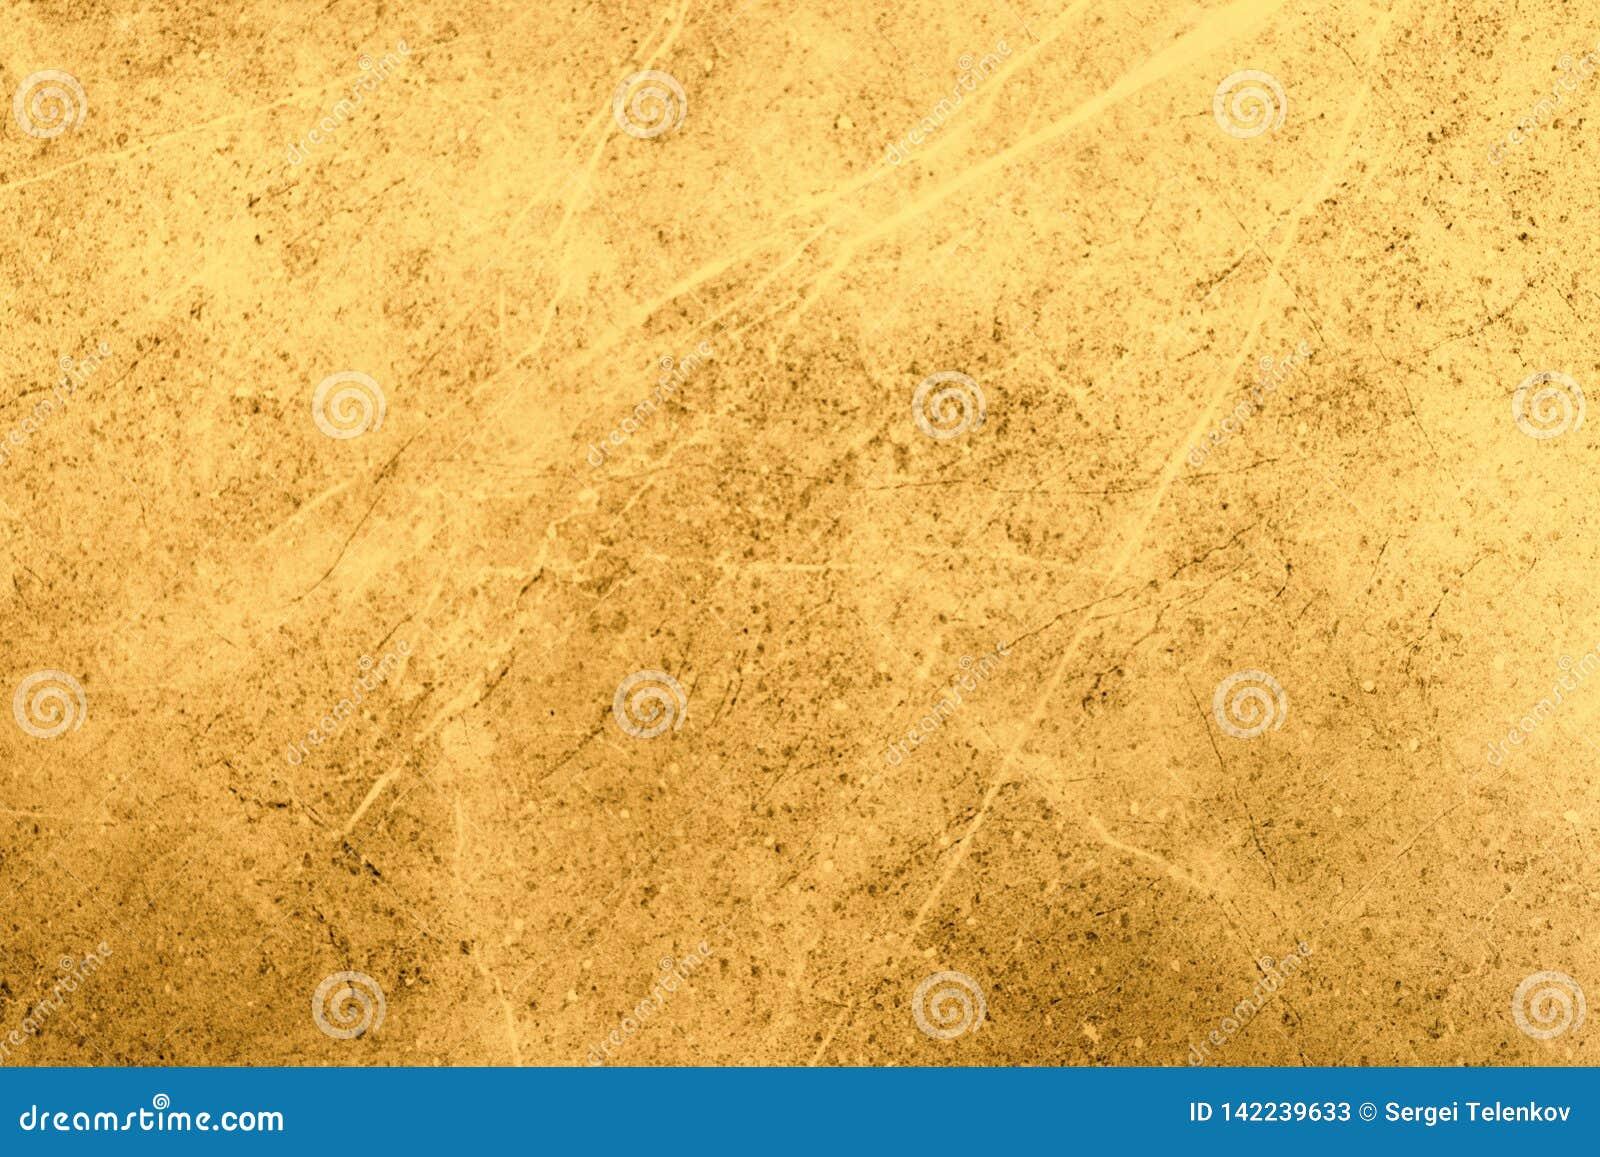 Marmeren gouden steen als achtergrond Textuur natuurlijke marmeren lichte kleur Tegel in de badkamers of de keuken